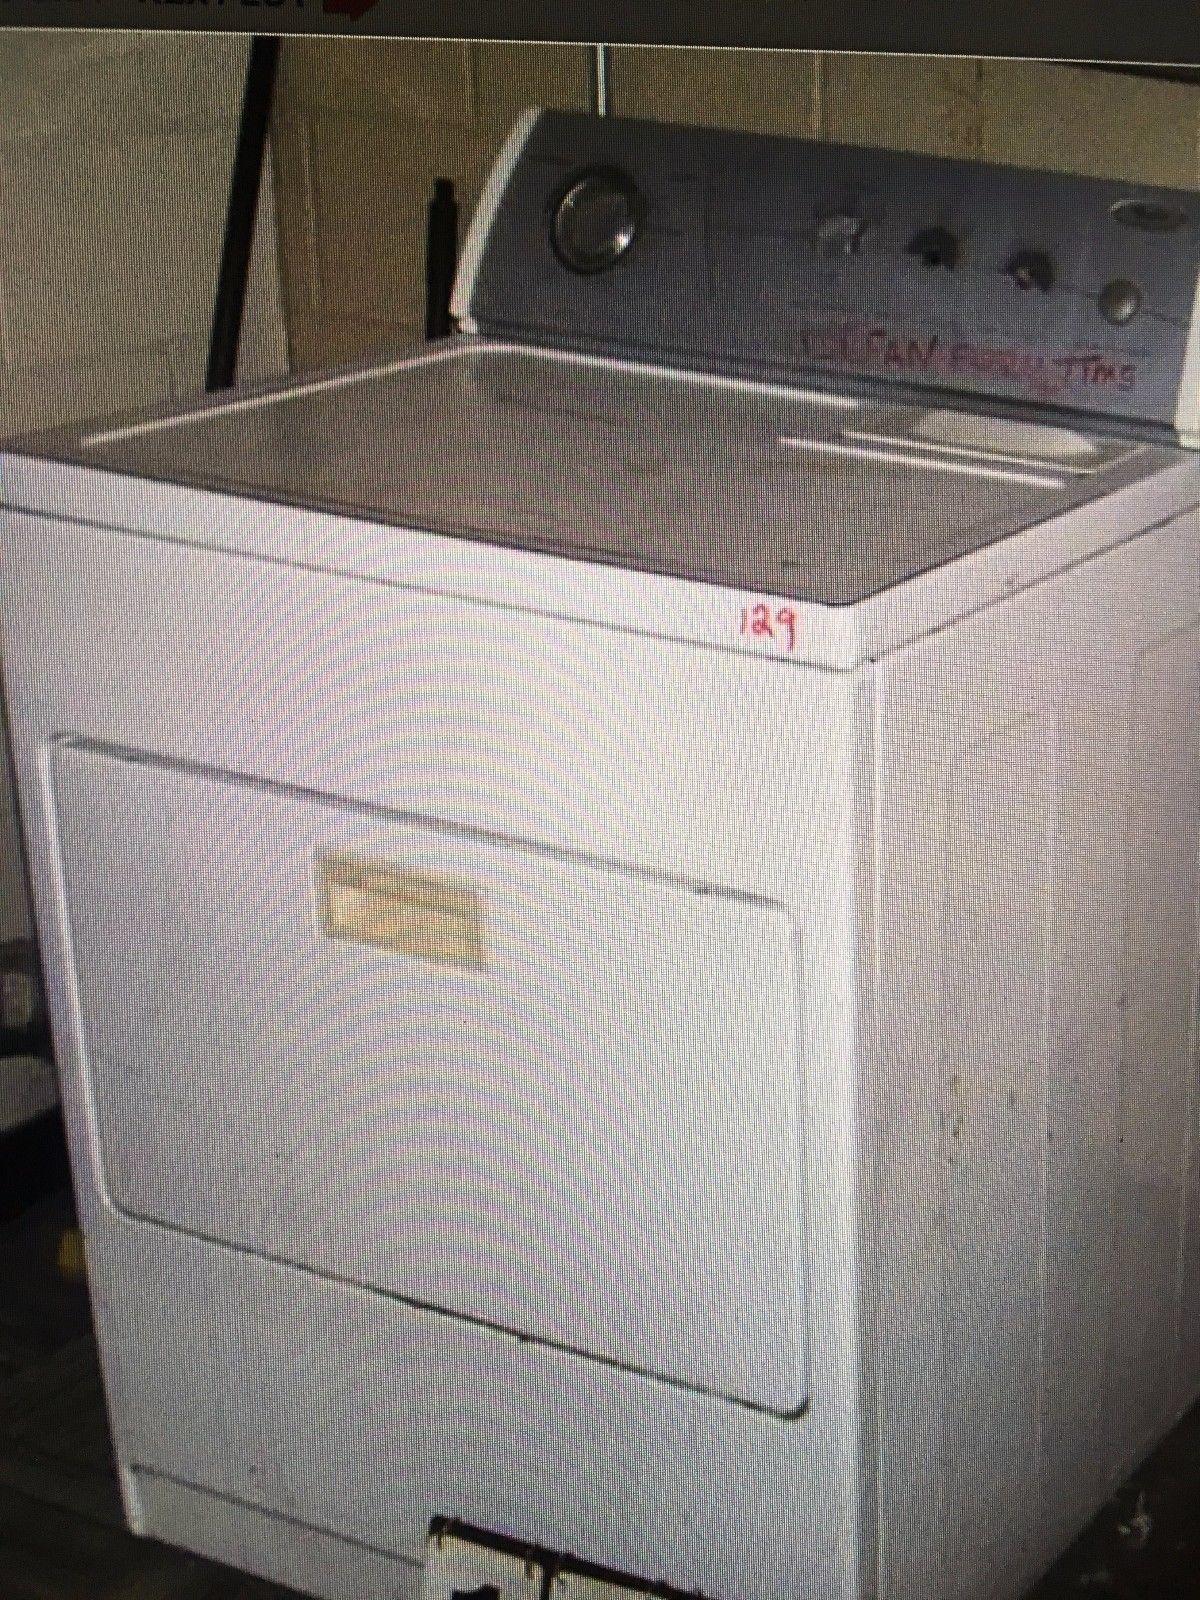 95-04 s10 Blazer Sonoma window control j12m-9615